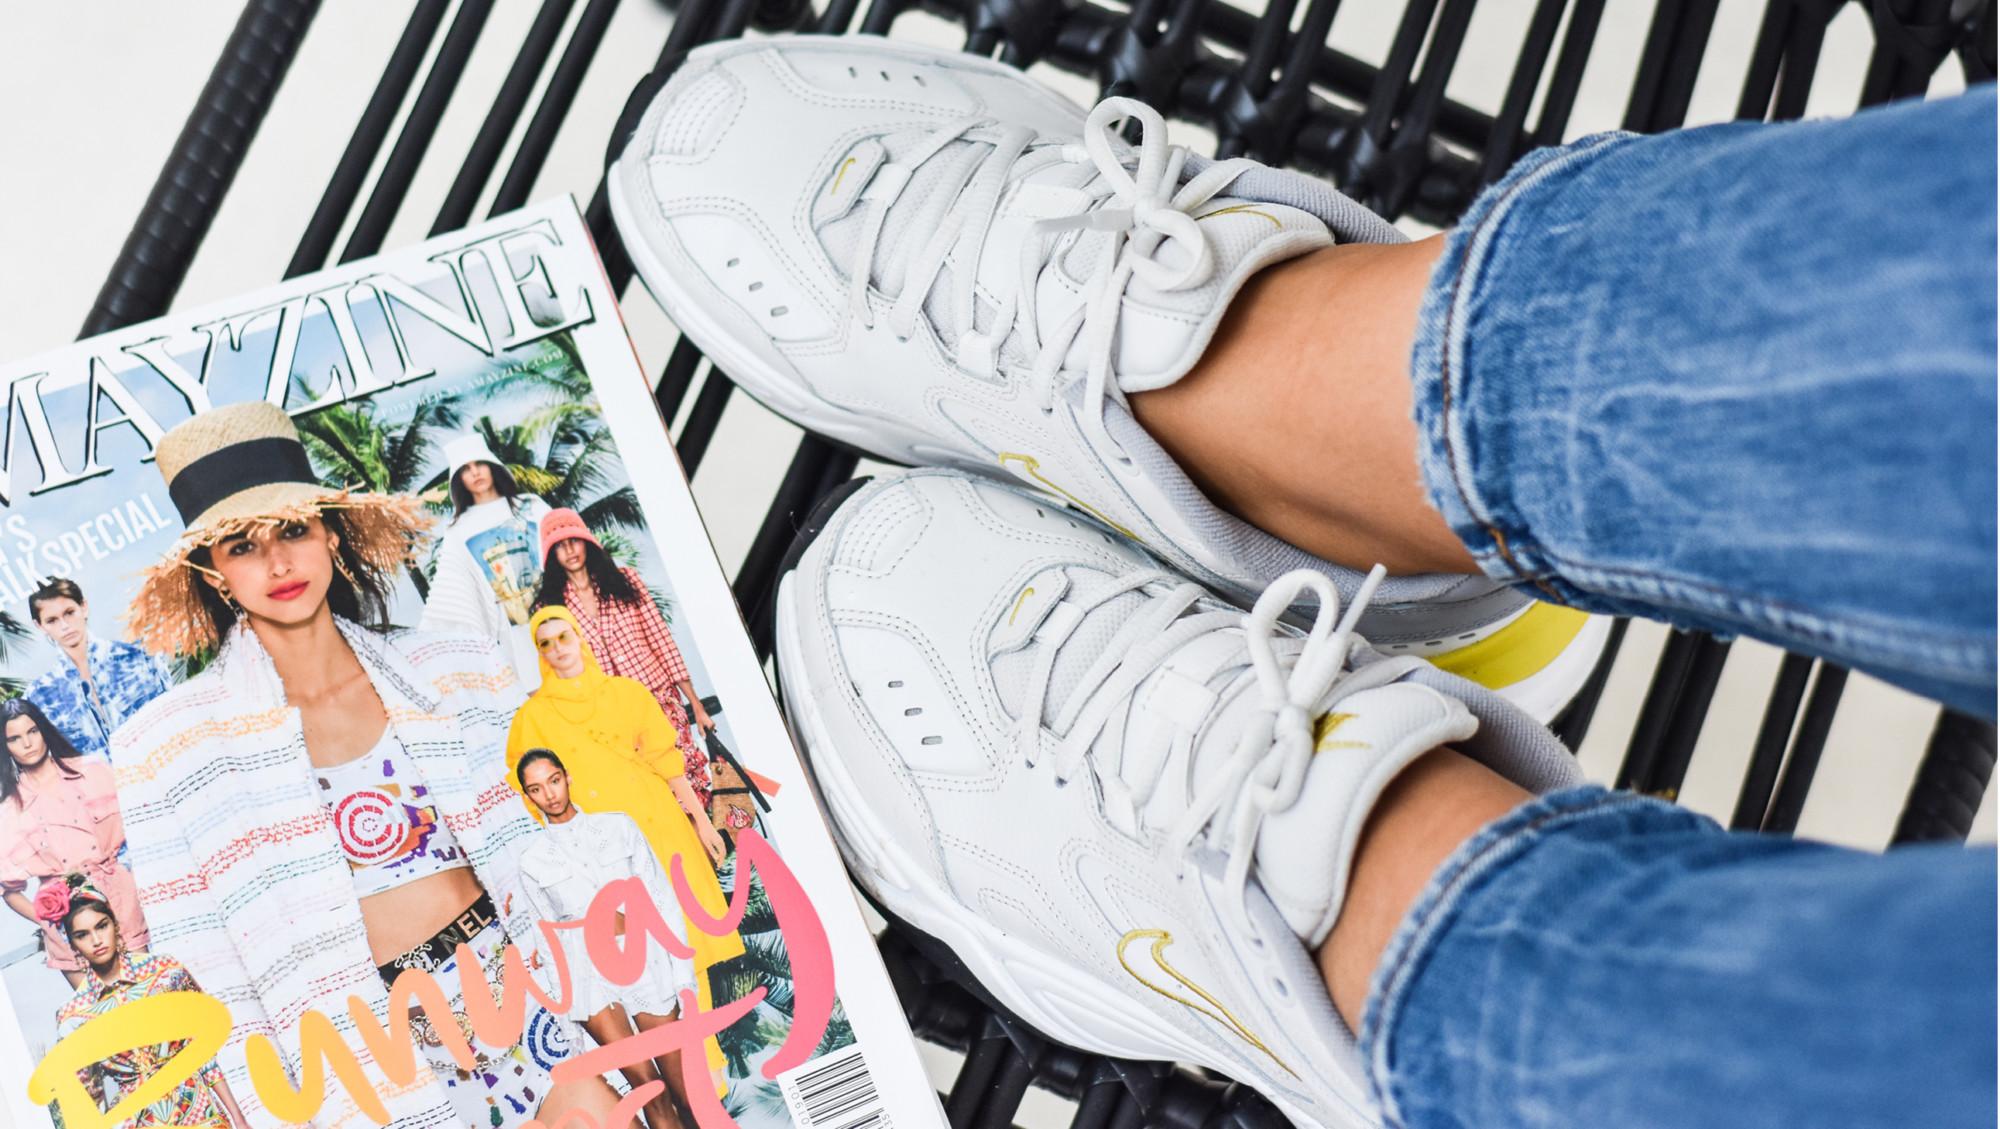 kiki draagt jeans en witte sneakers van nike met het magazine van amayzine